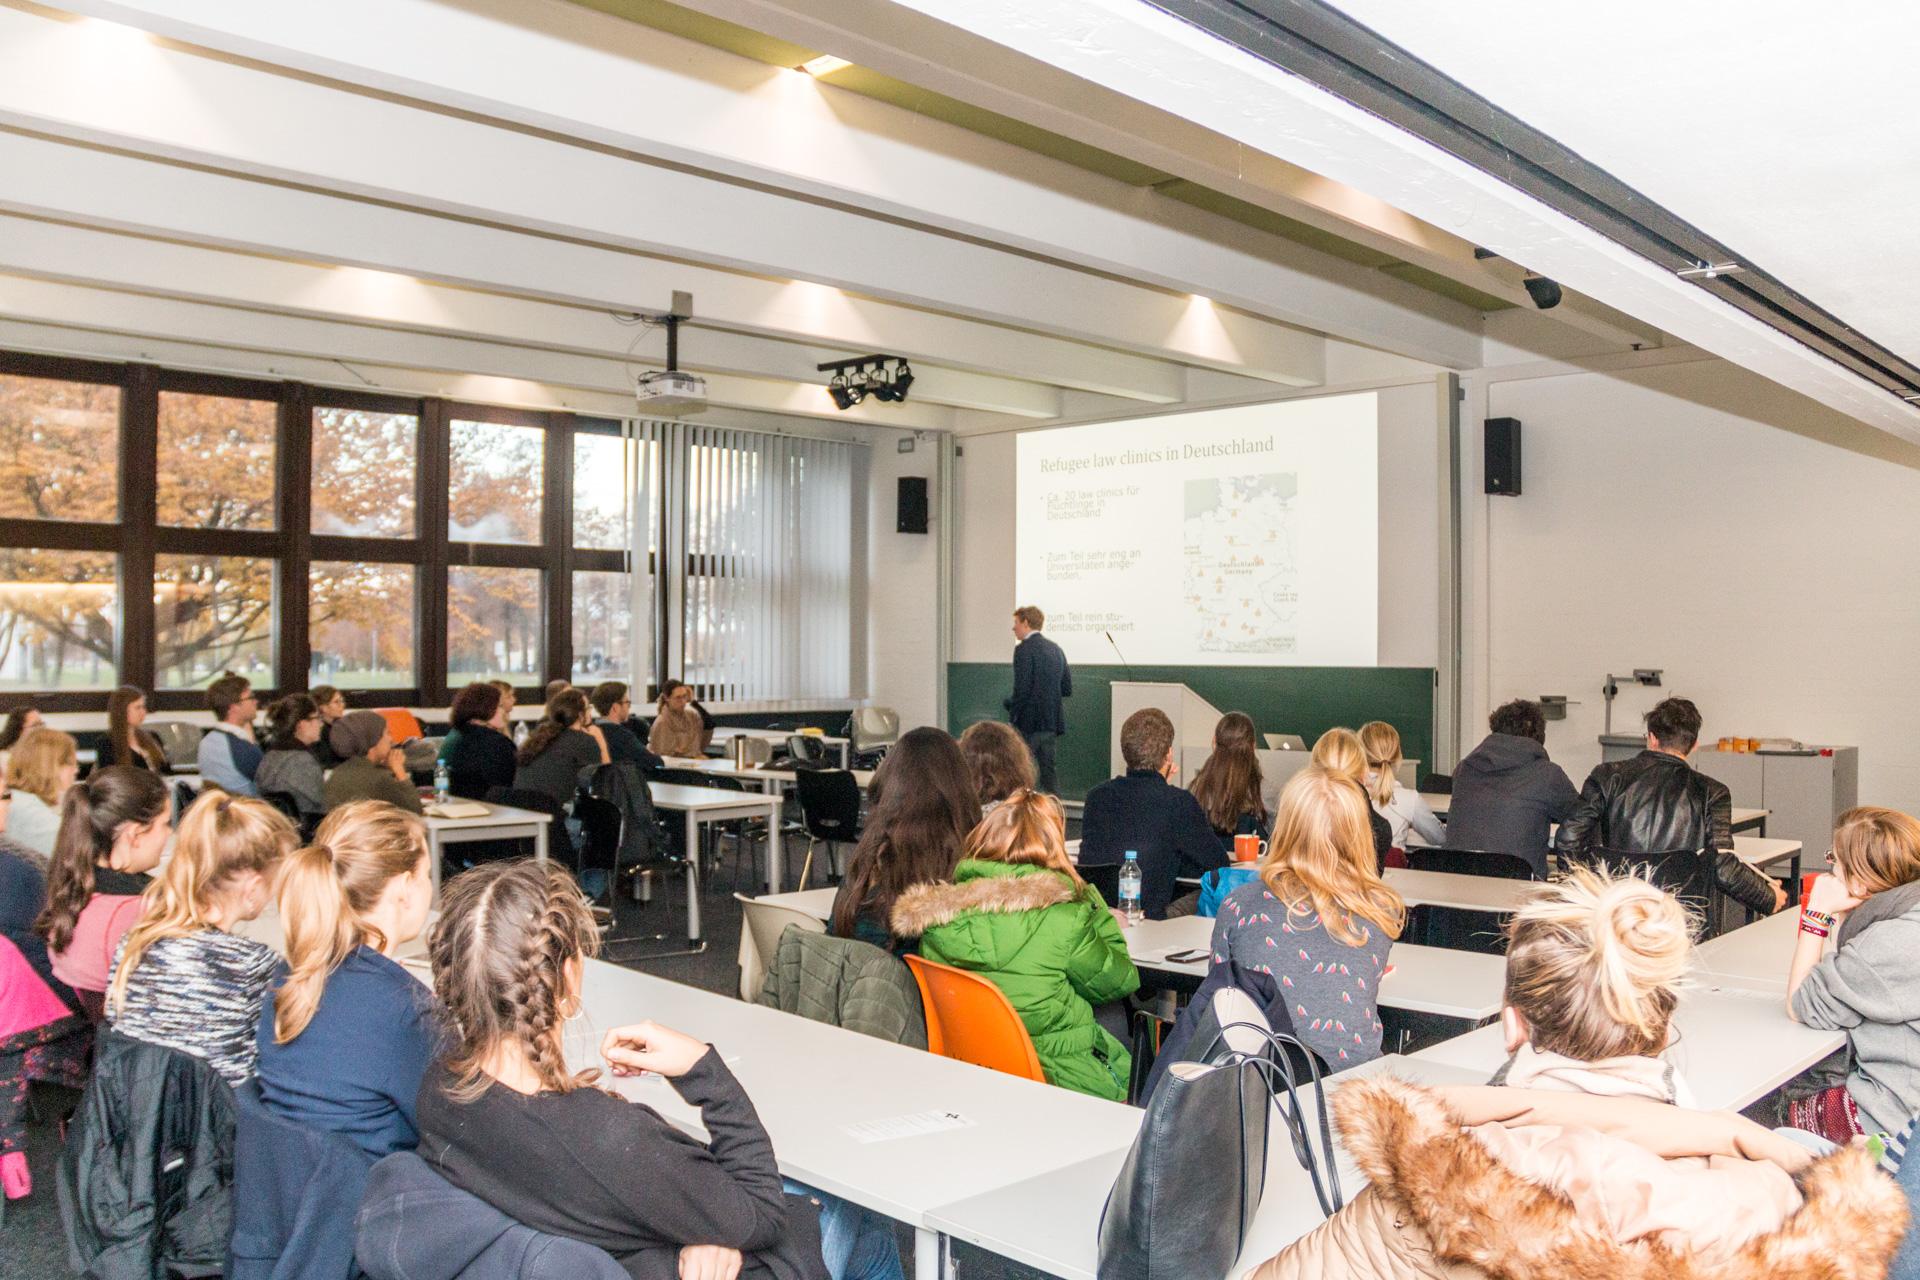 Knapp 50 Studierende besuchten die Einführungsveranstaltung im Wintersemester 2016/17. (Foto: Bastian Winter)